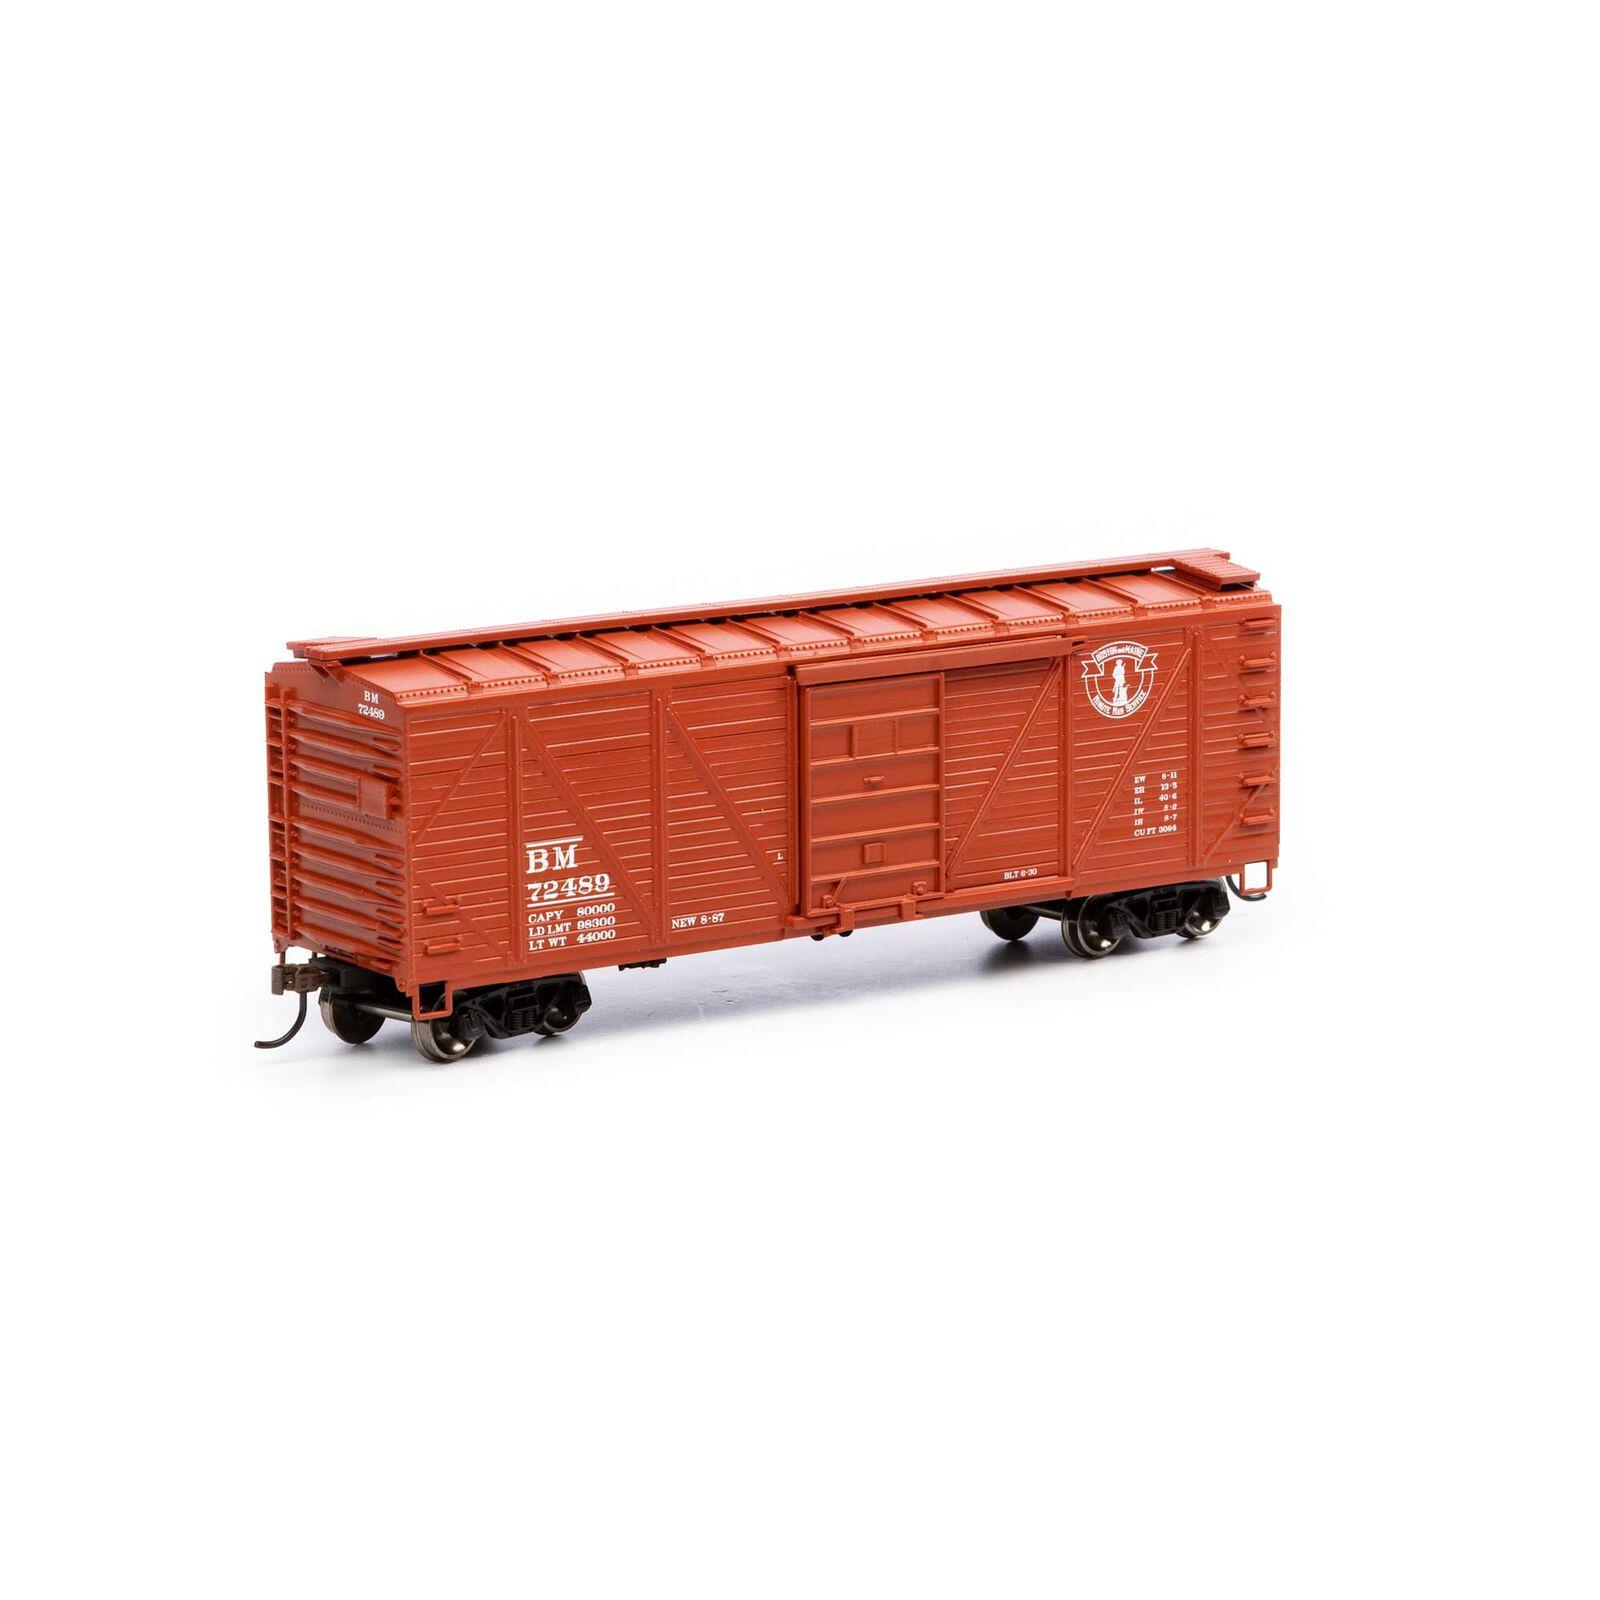 HO 40' Ribbed Wooden Box B&M #72489